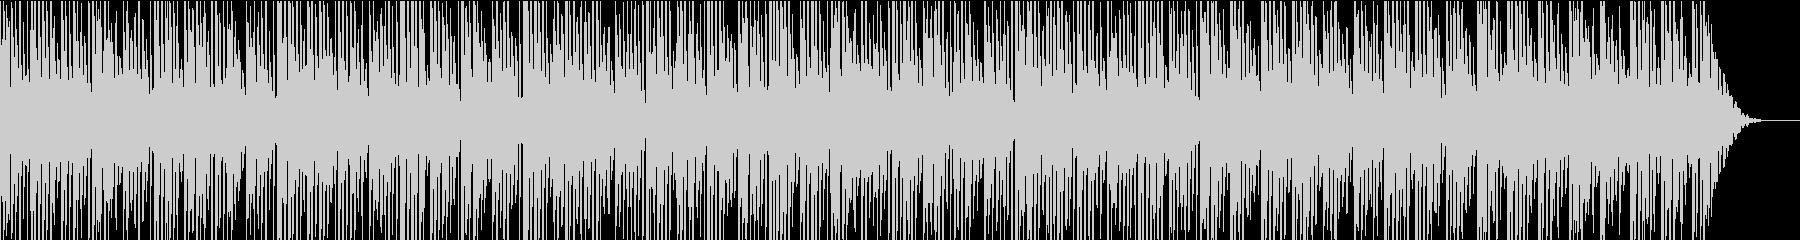 切ない雰囲気 エレピが印象的なリズミカルの未再生の波形